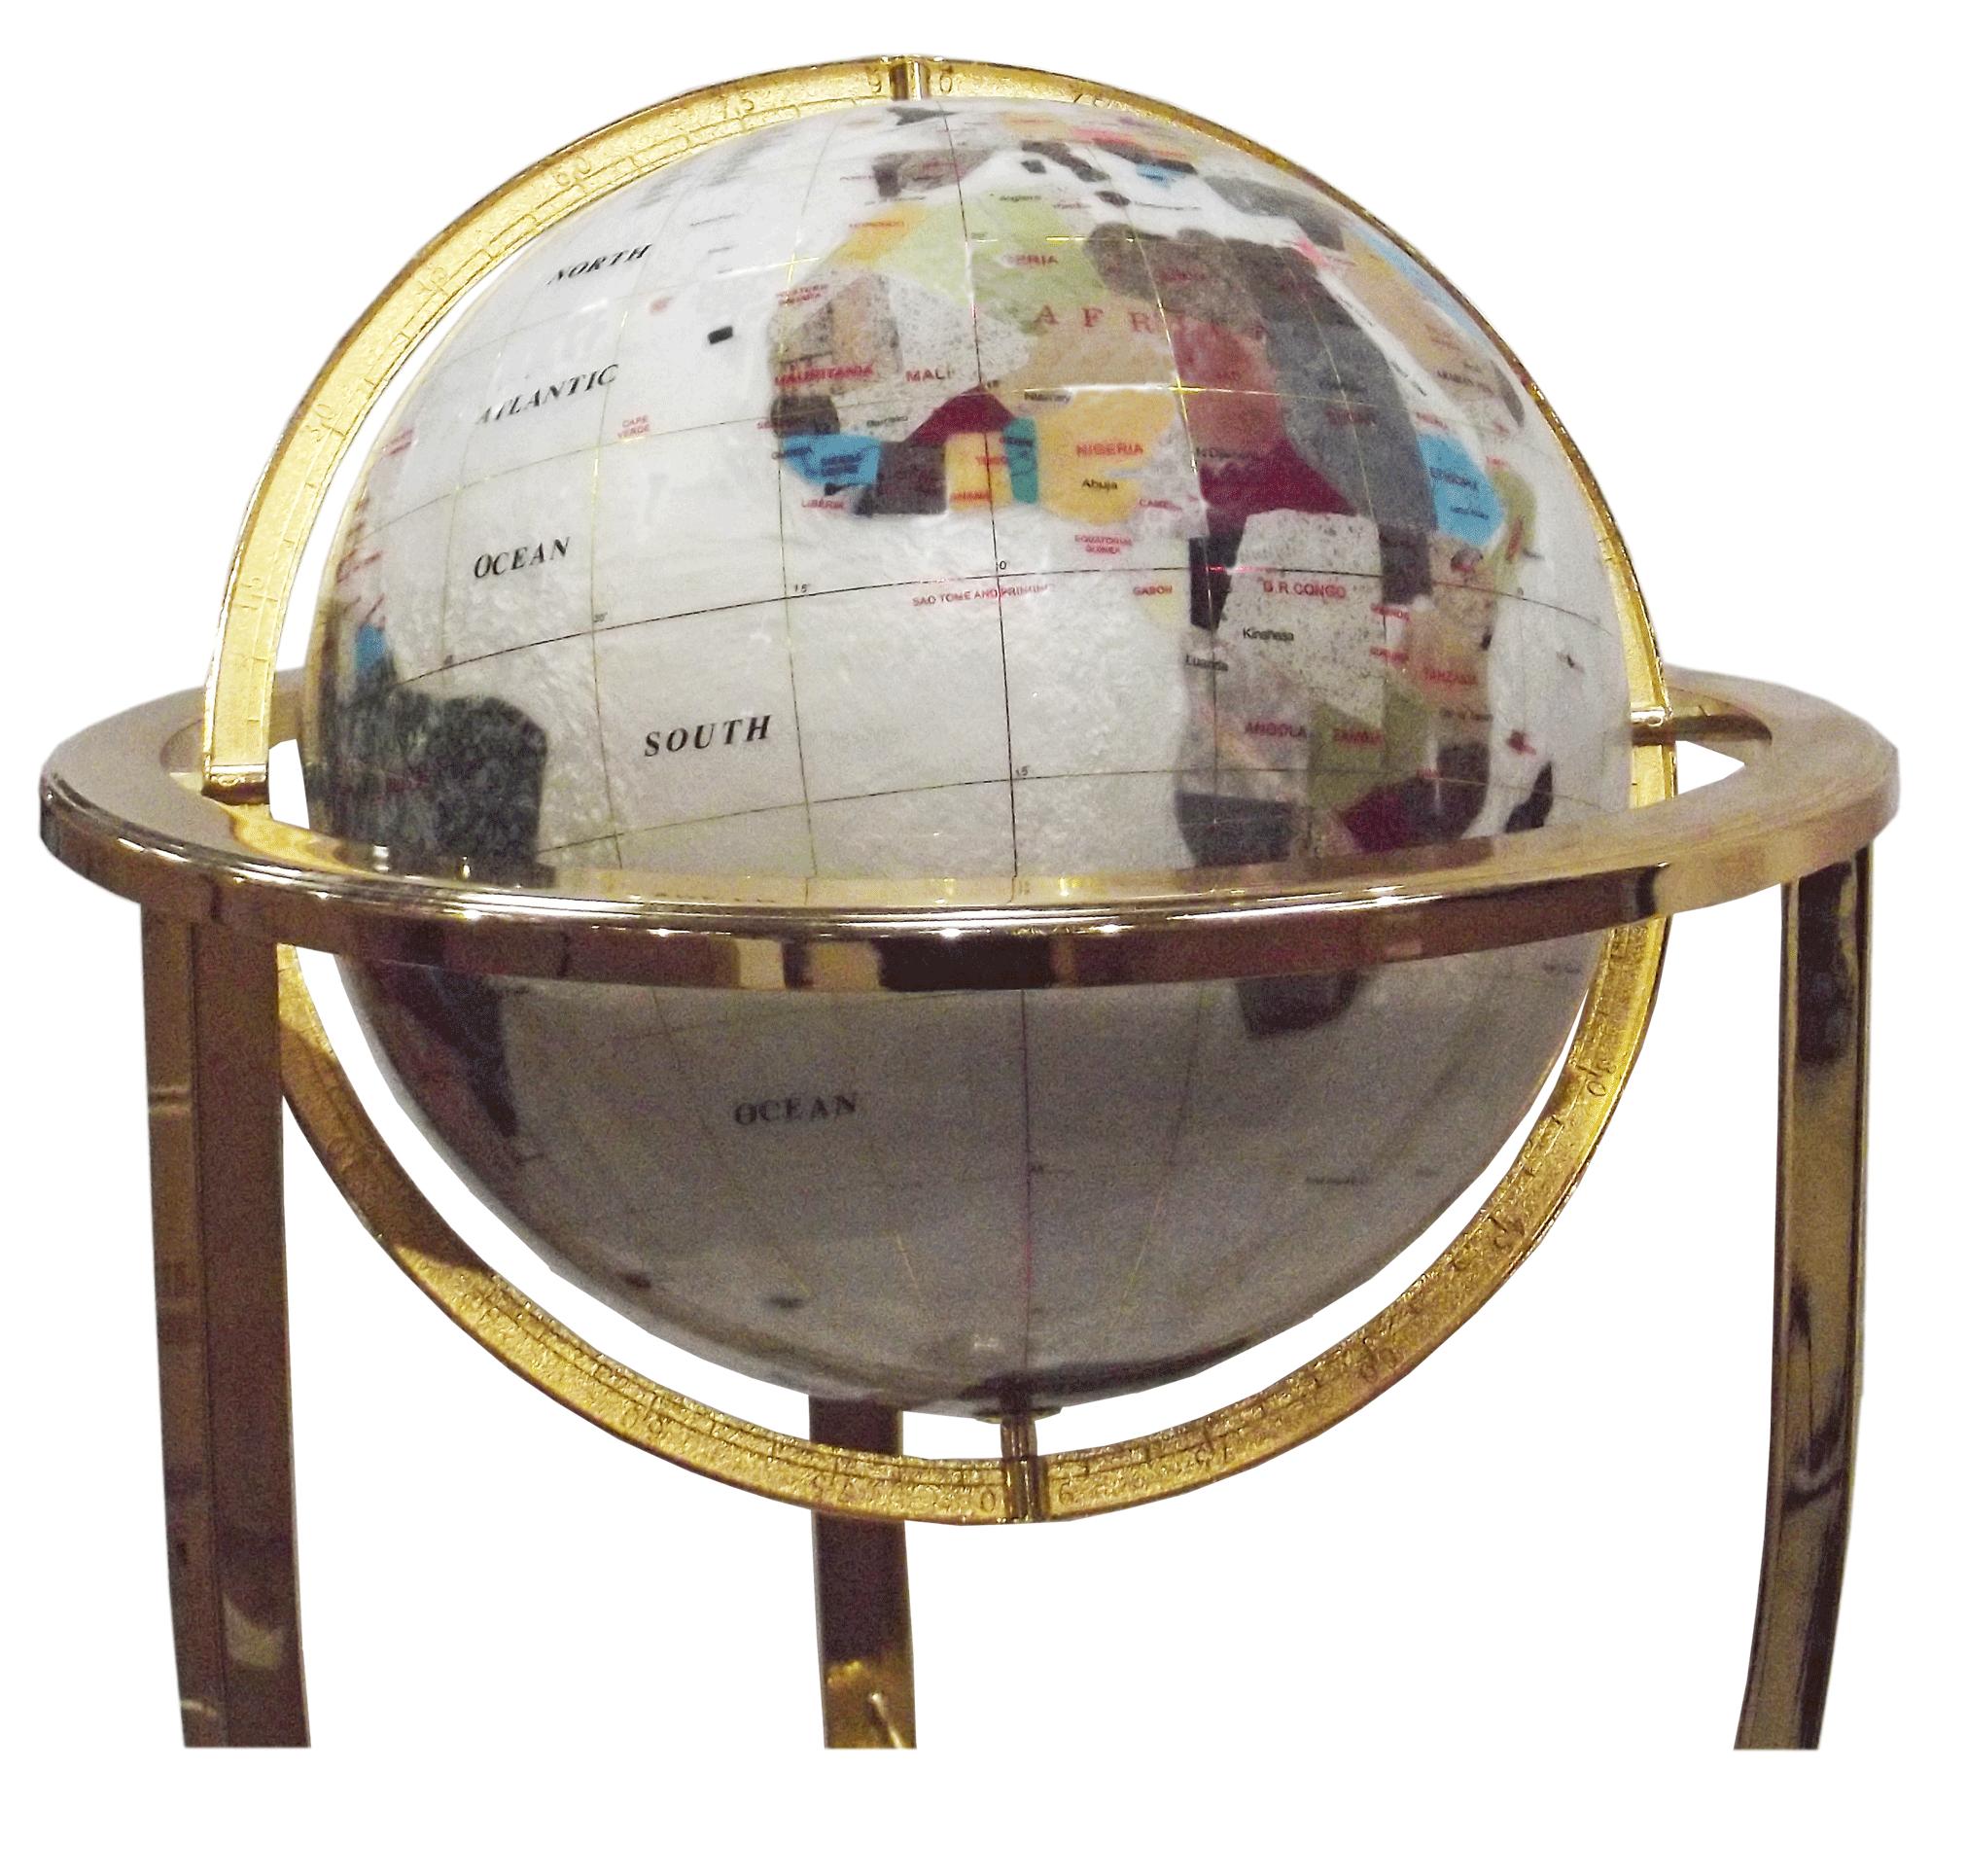 globe terrestre sur sol 33 cm nacre 3 pieds dor gemmoglobe 3ps 33 d nacr gemmoglobe. Black Bedroom Furniture Sets. Home Design Ideas